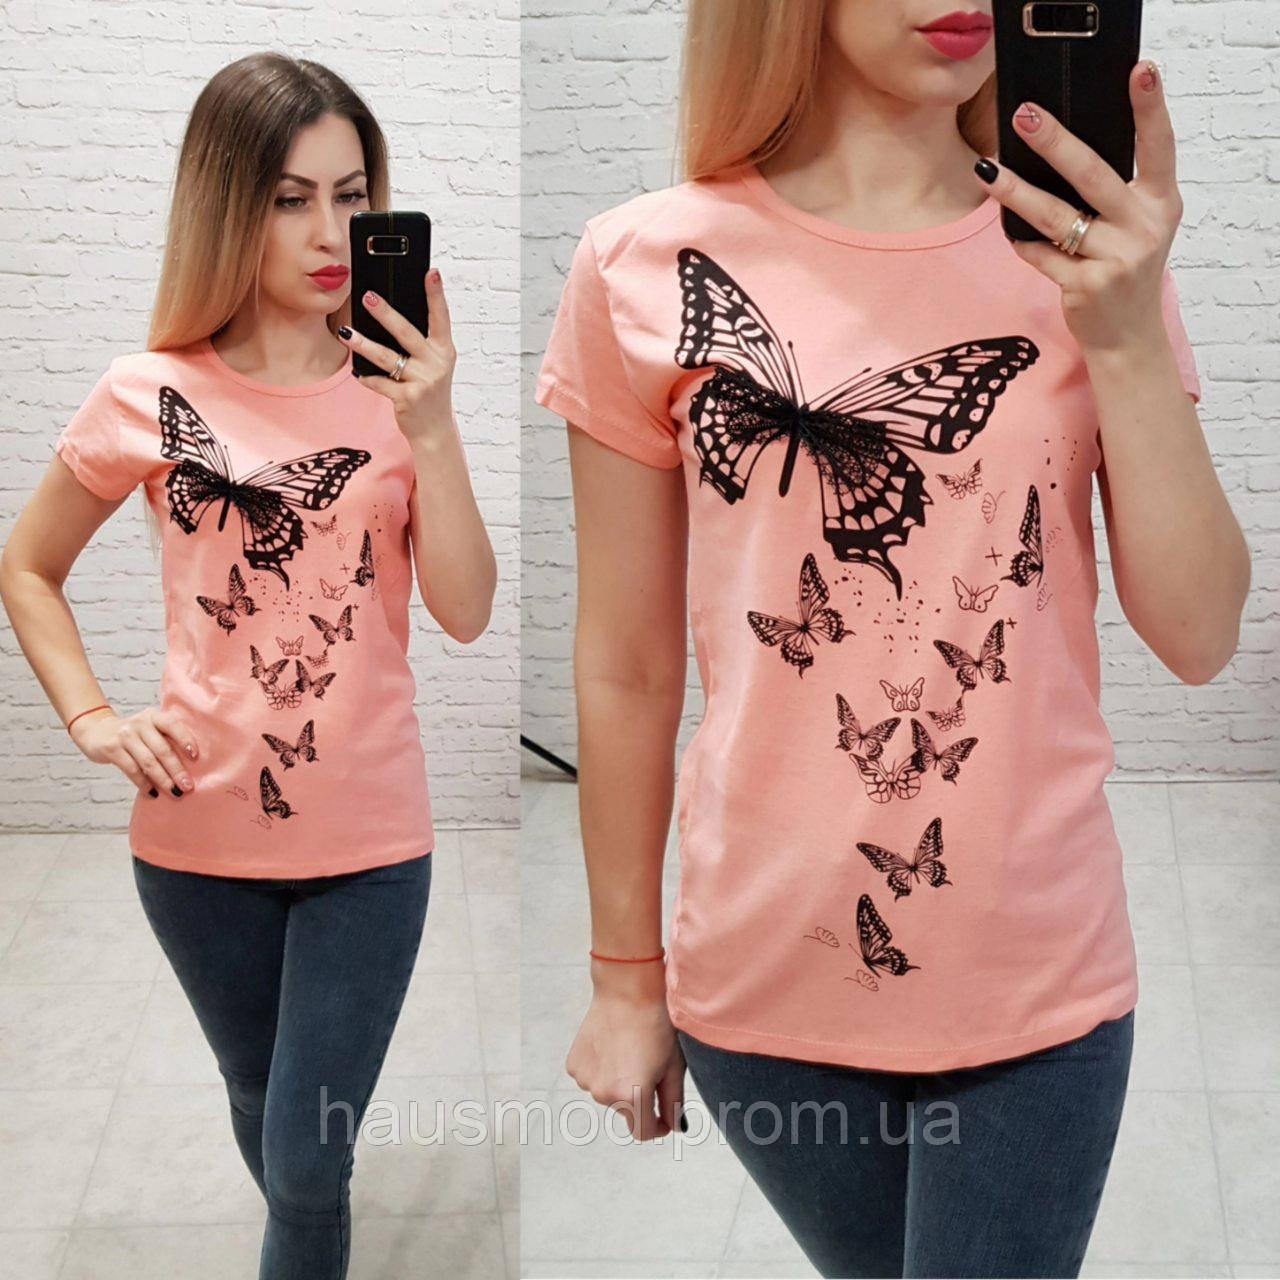 Женская футболка 100% катон бабочки Турция персиковая